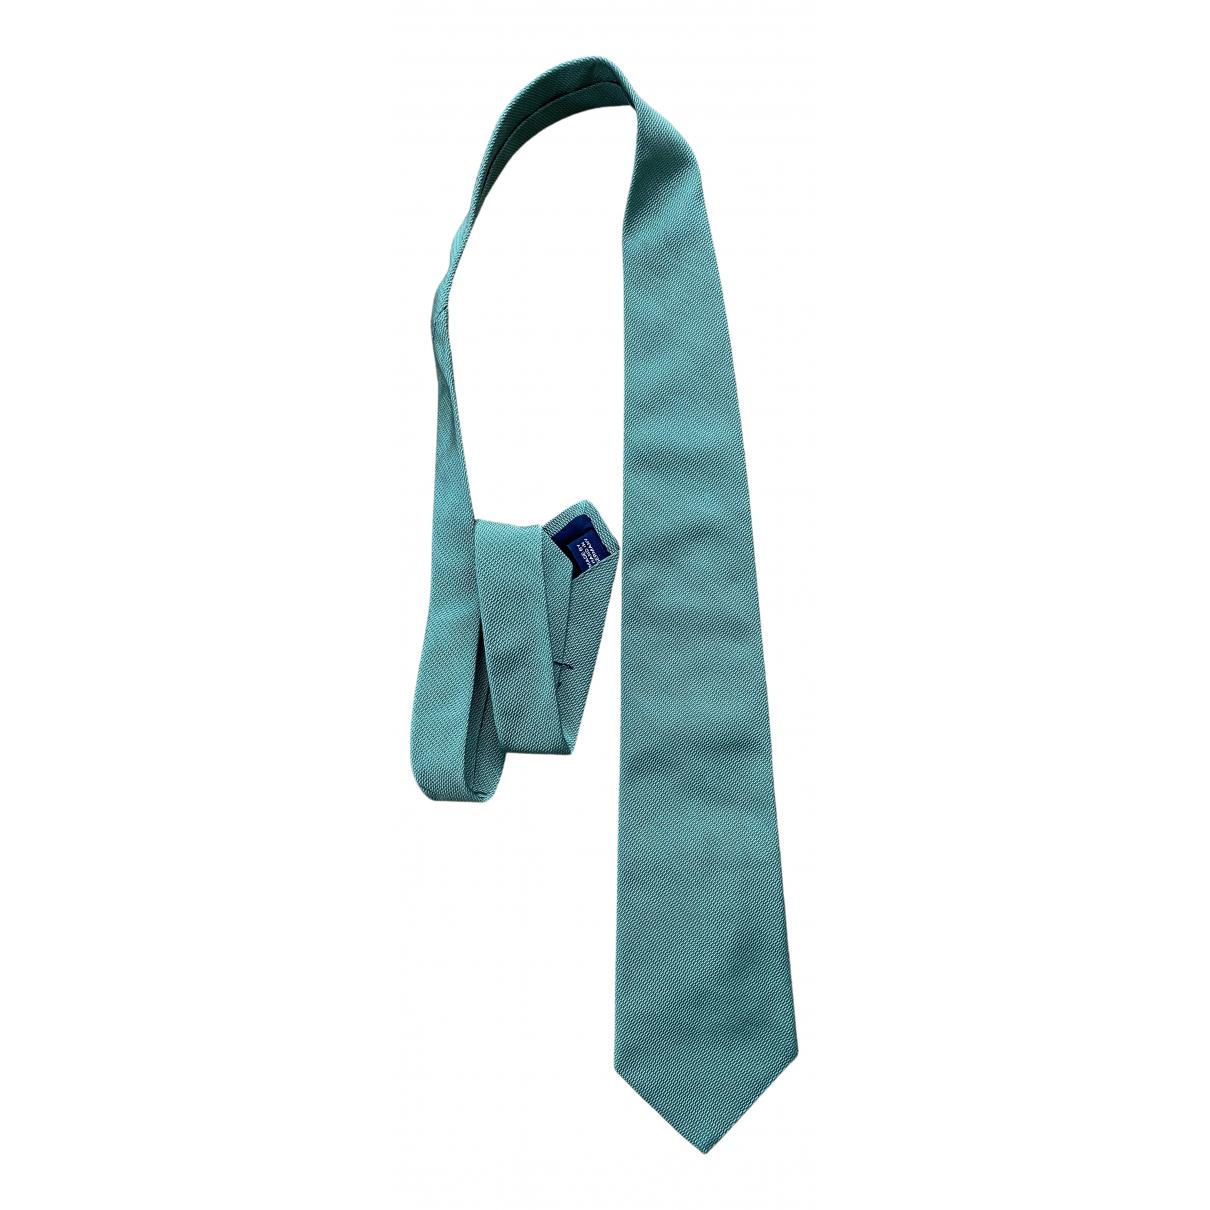 Polo Ralph Lauren - Cravates   pour homme en soie - vert